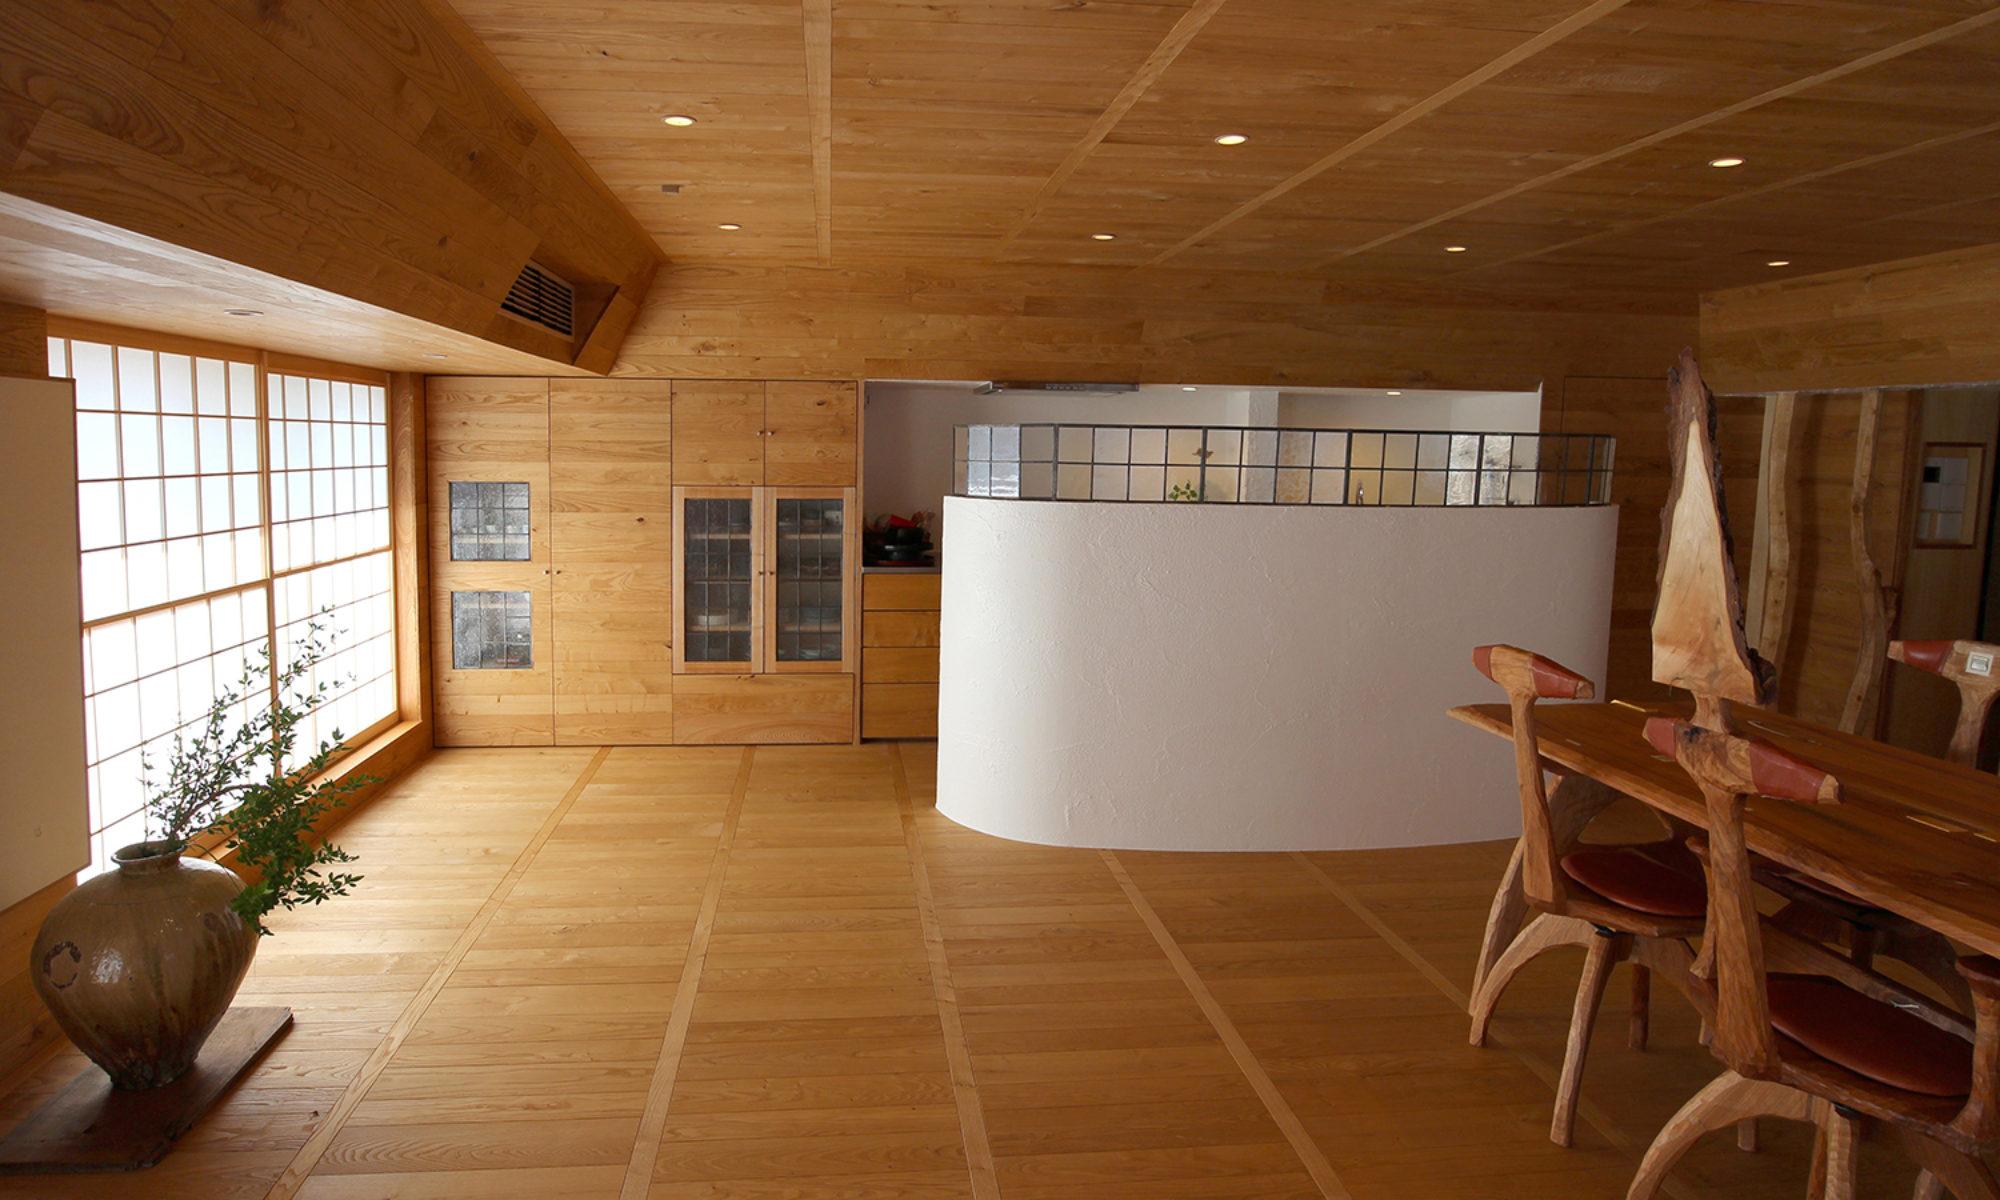 株 式 会 社 島 田 宇 啓 建 築 研 究 所  /  Ukei Shimada Architects